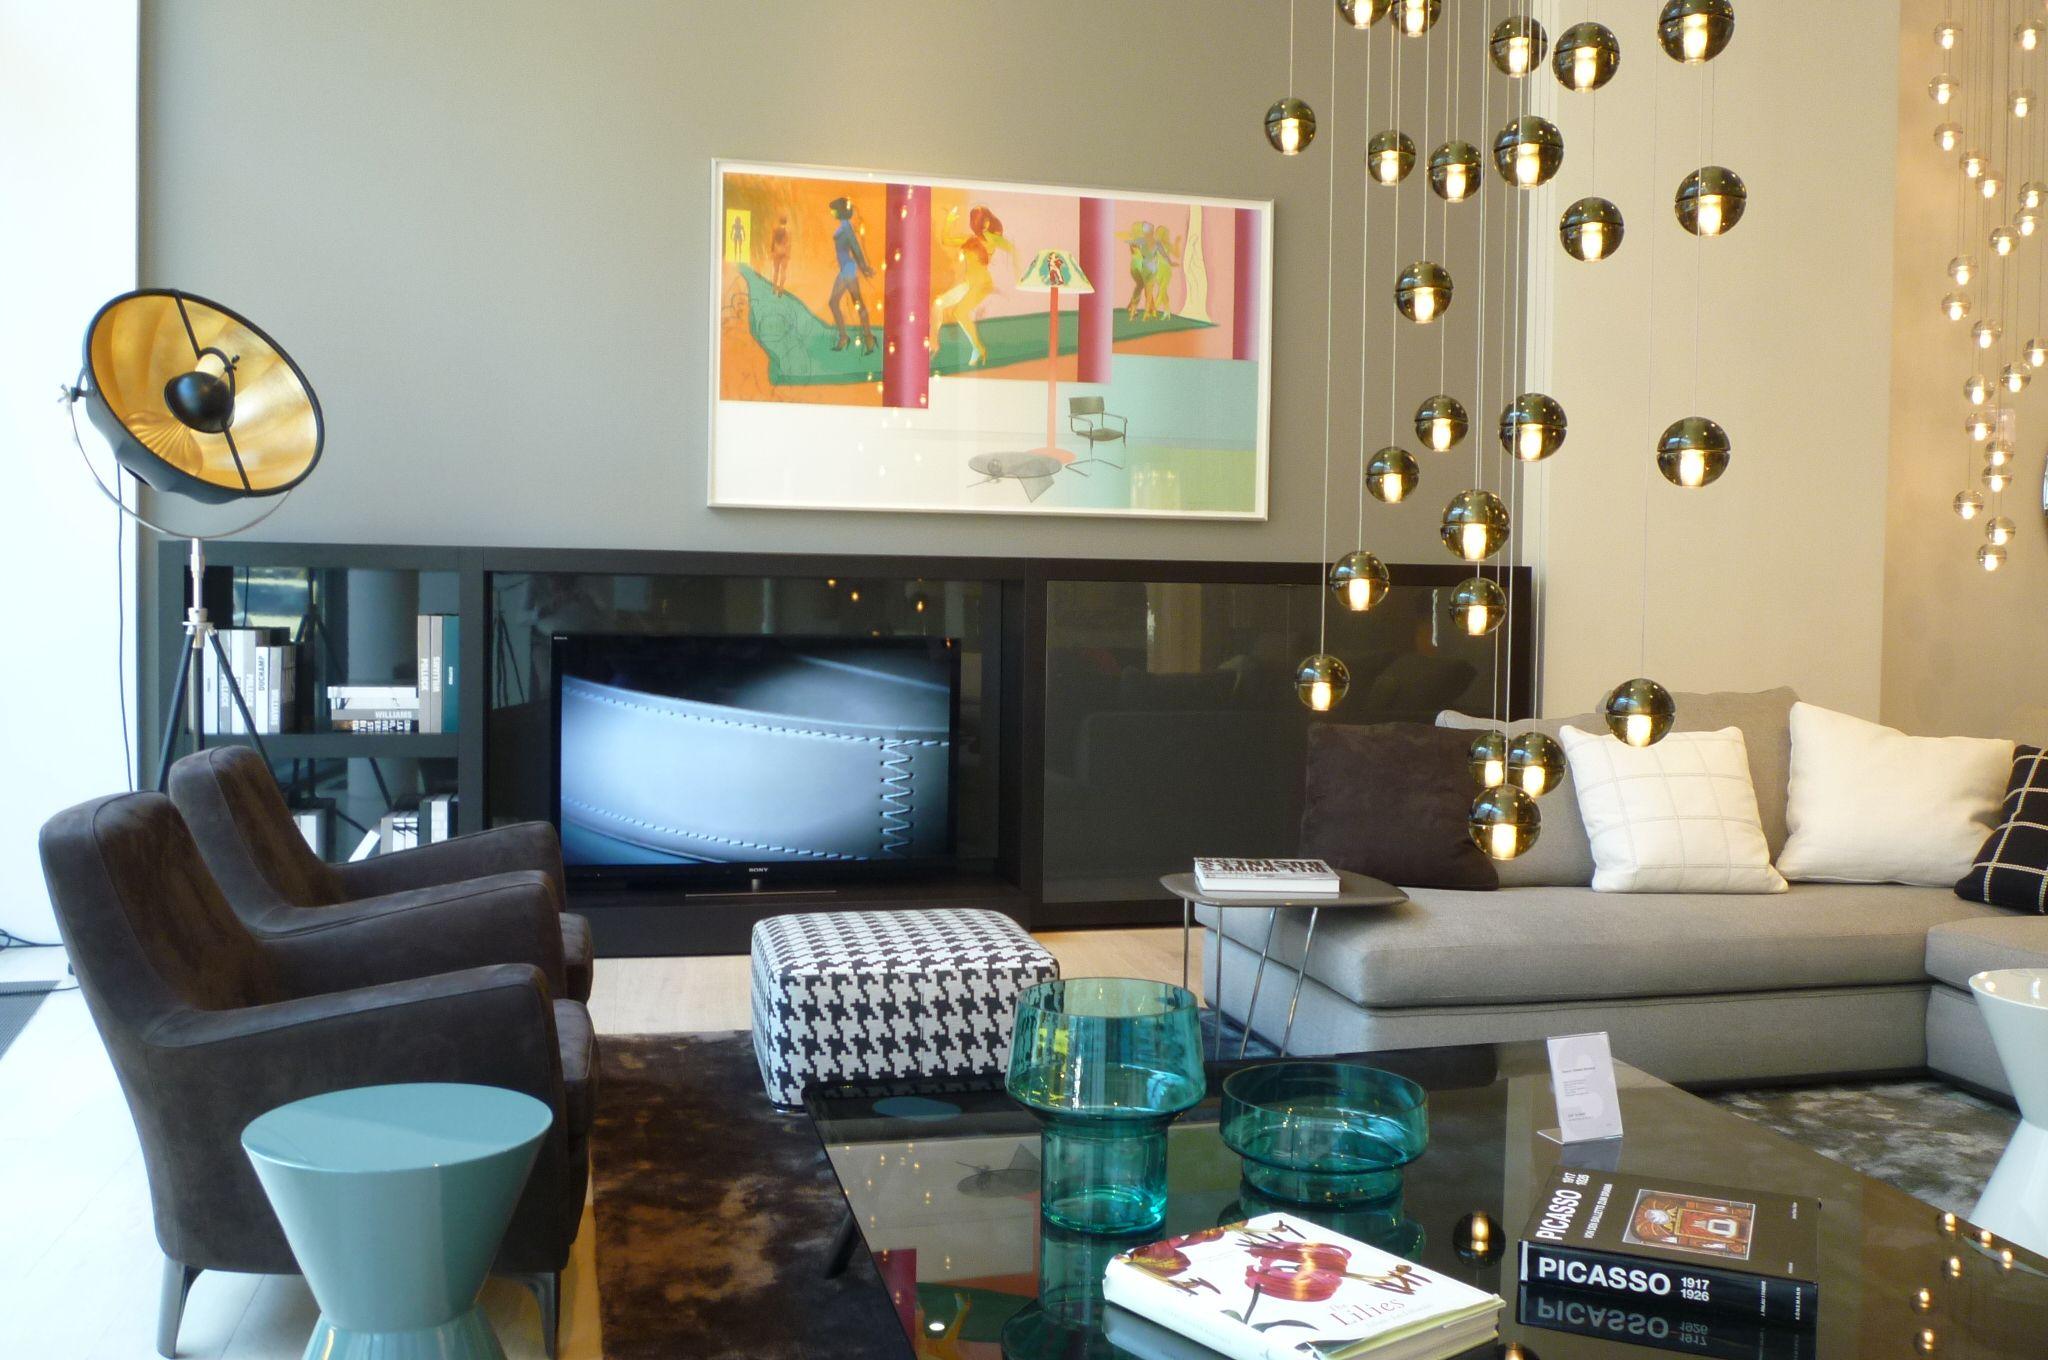 leptien 3 frankfurt am main modernes design modernes ecksofa moderne beleuchtung see. Black Bedroom Furniture Sets. Home Design Ideas